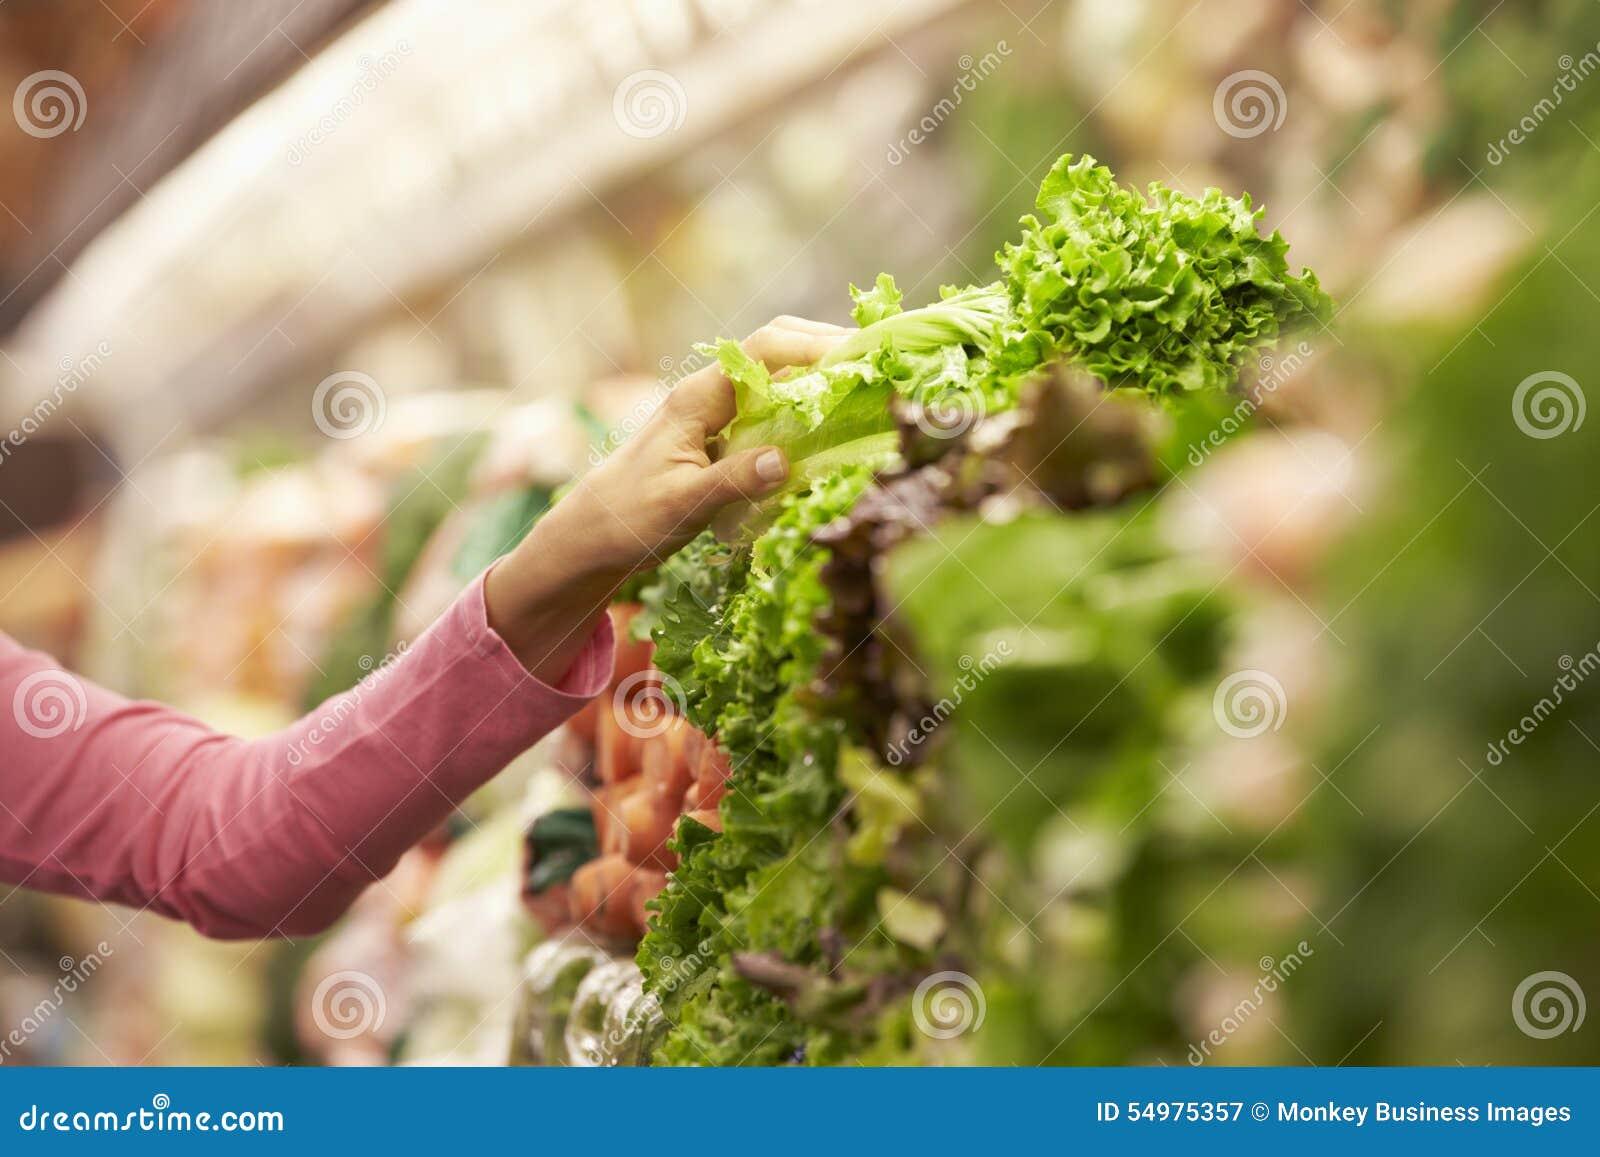 Slut upp av kvinnan som väljer sallad i supermarket